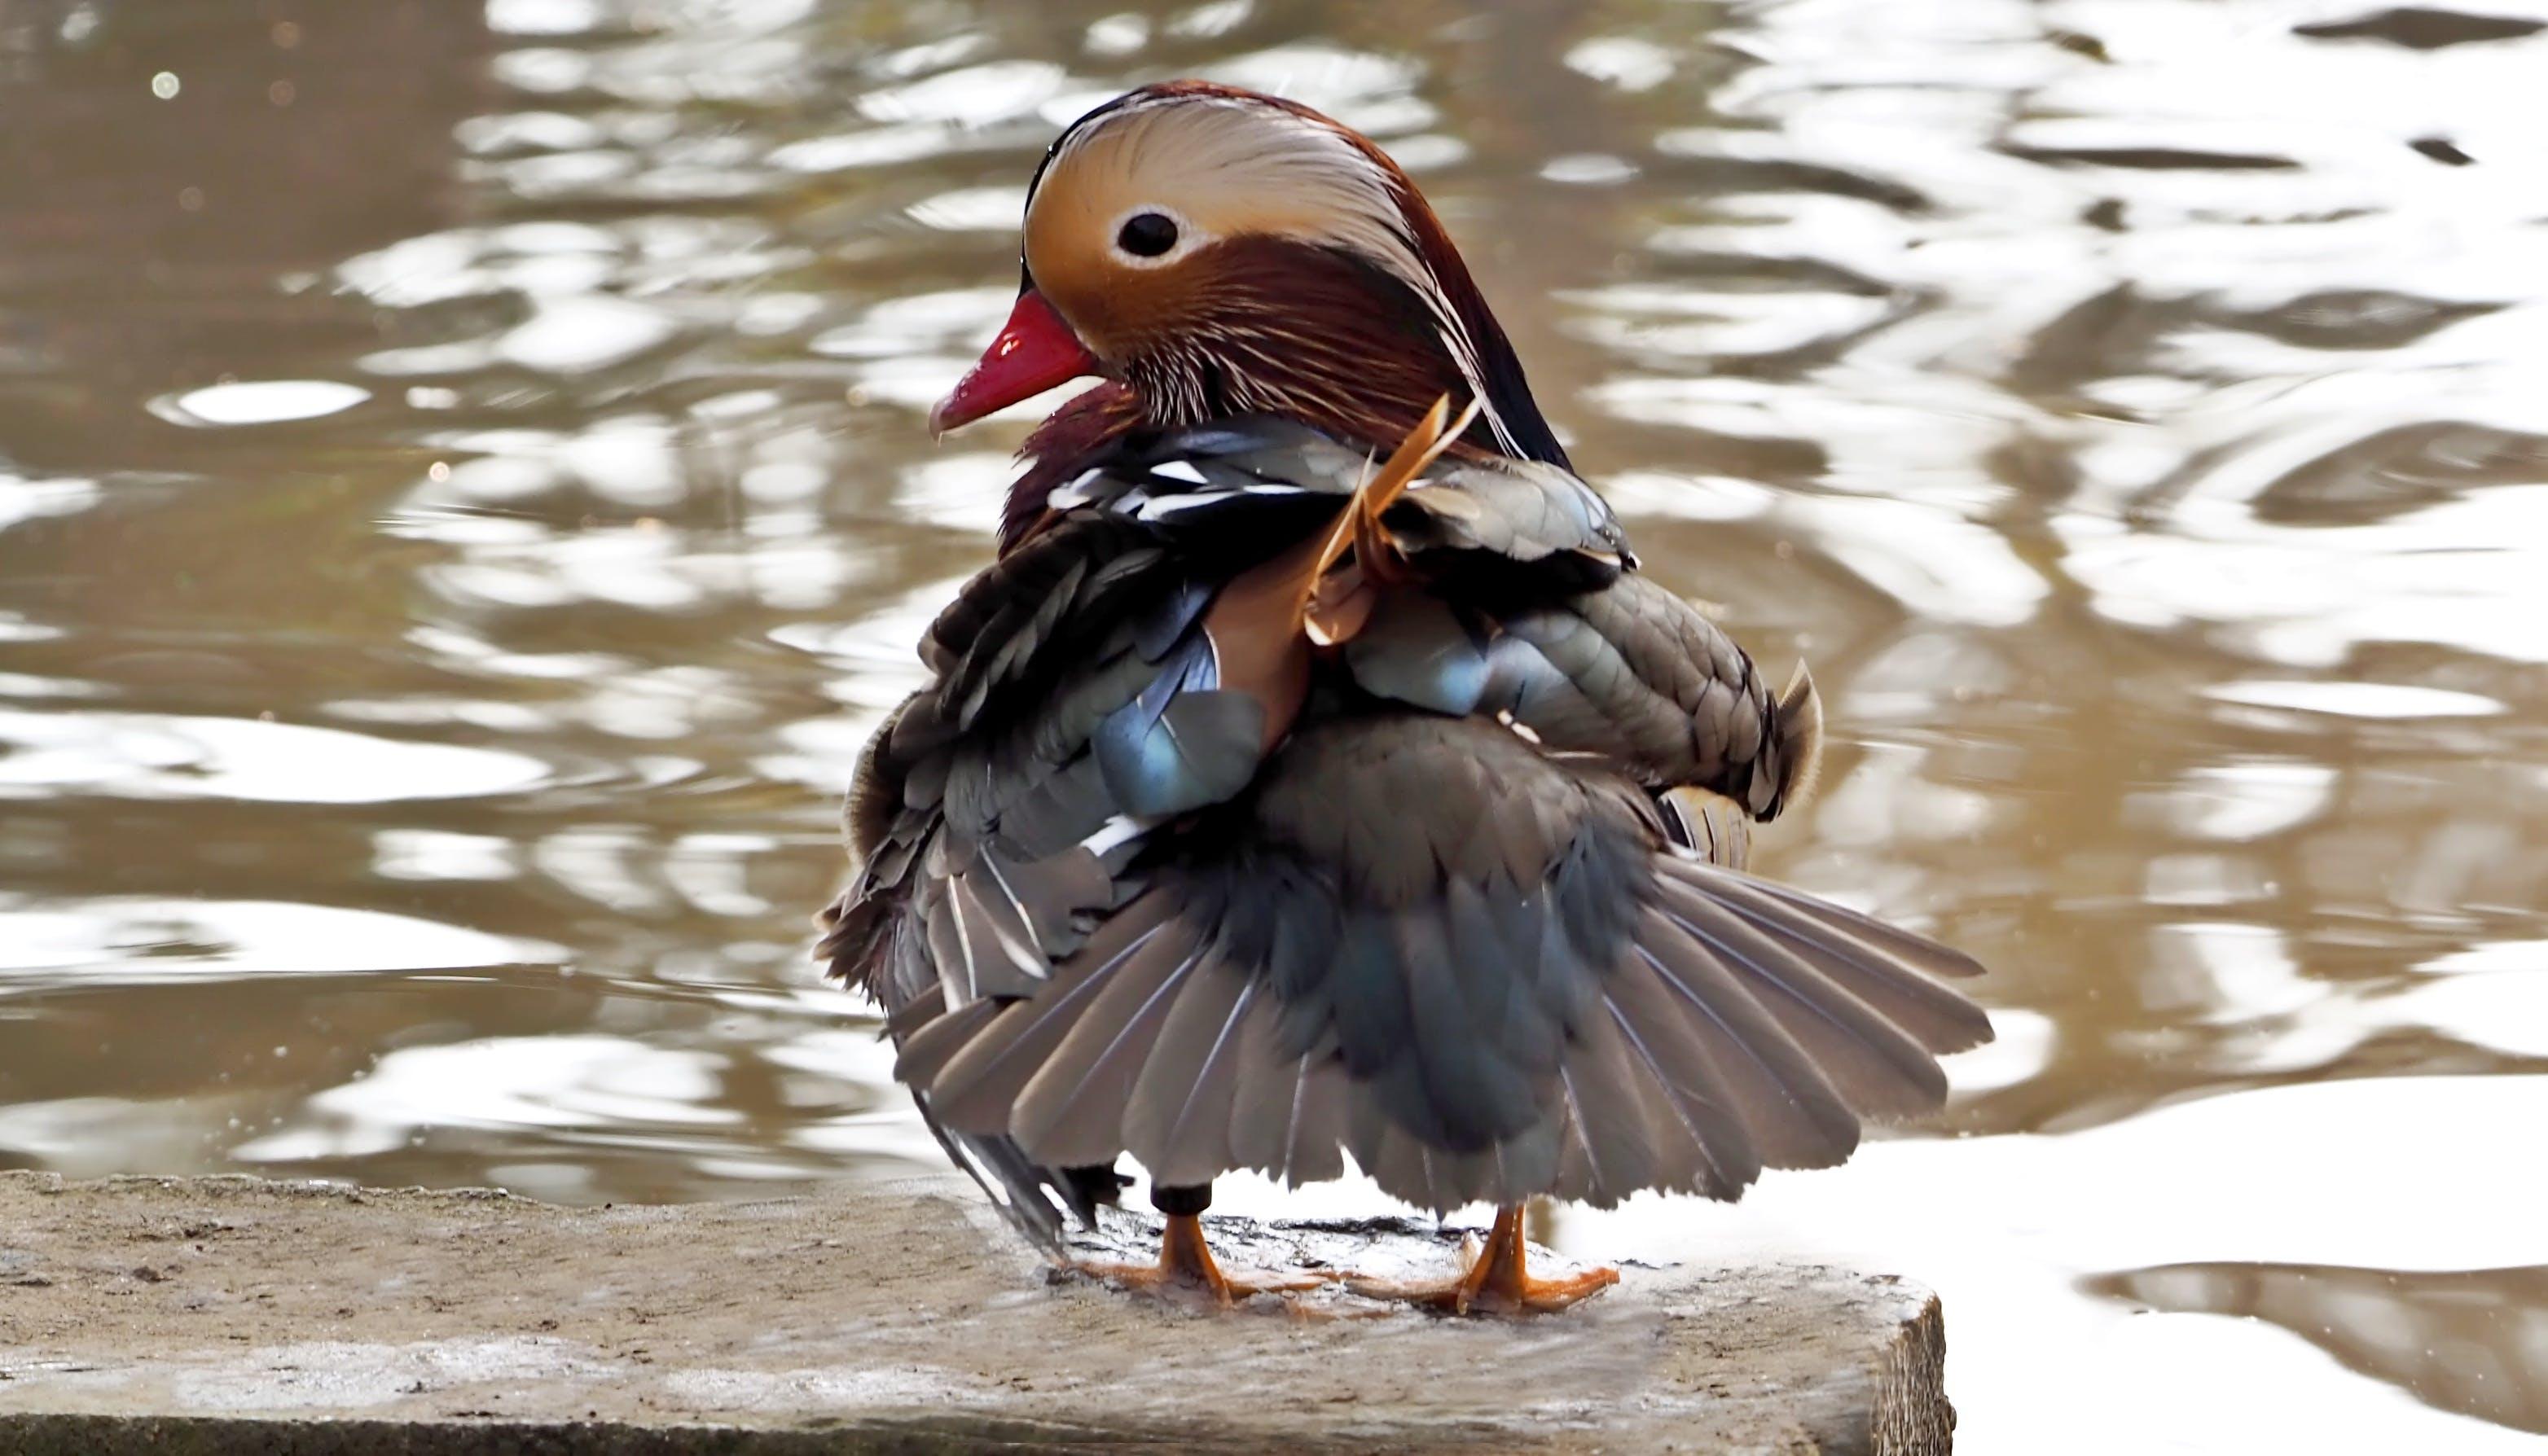 Kostenloses Stock Foto zu vogel, wasser, tier, see